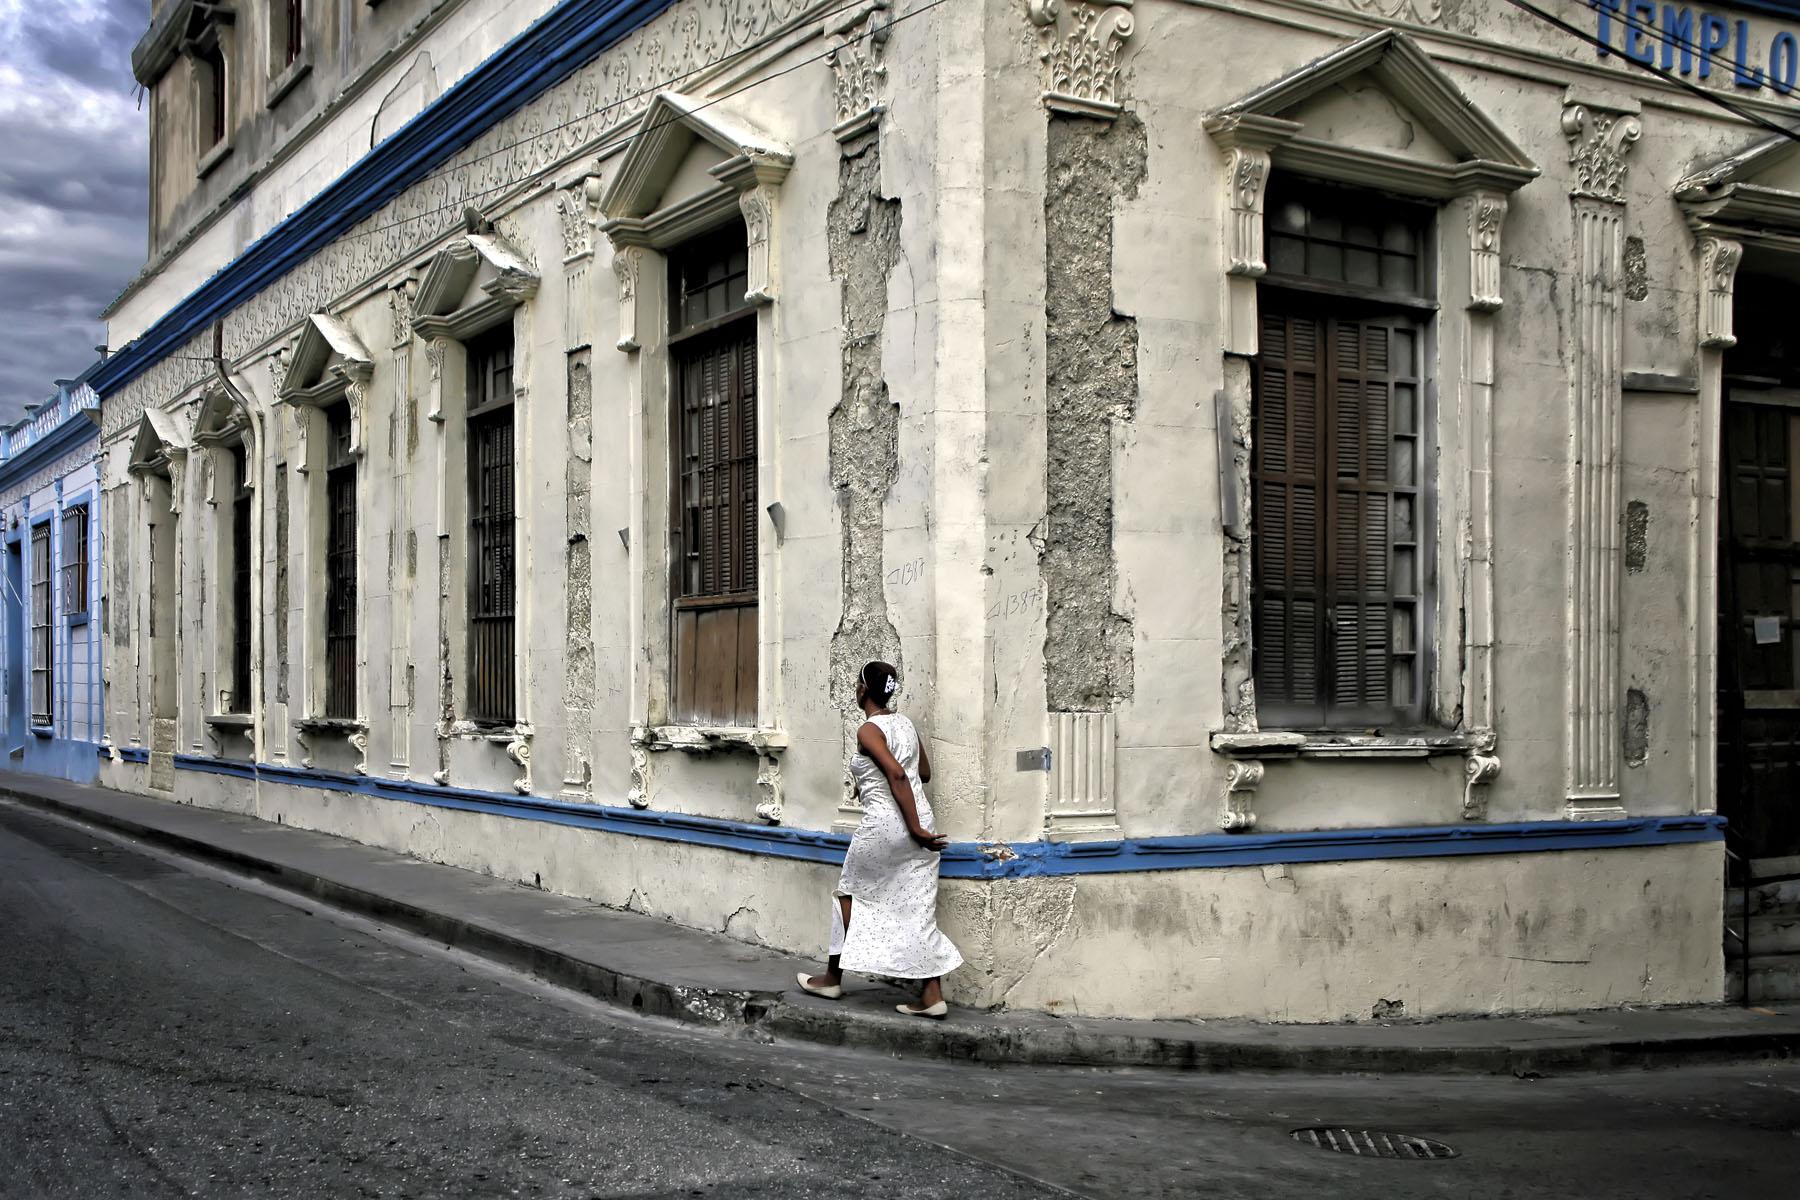 """Santiago de Cuba, February 2016 No. 1   Archival pigment print  11.25"""" x 16.75""""  $300  Click image to enlarge   Inquire."""